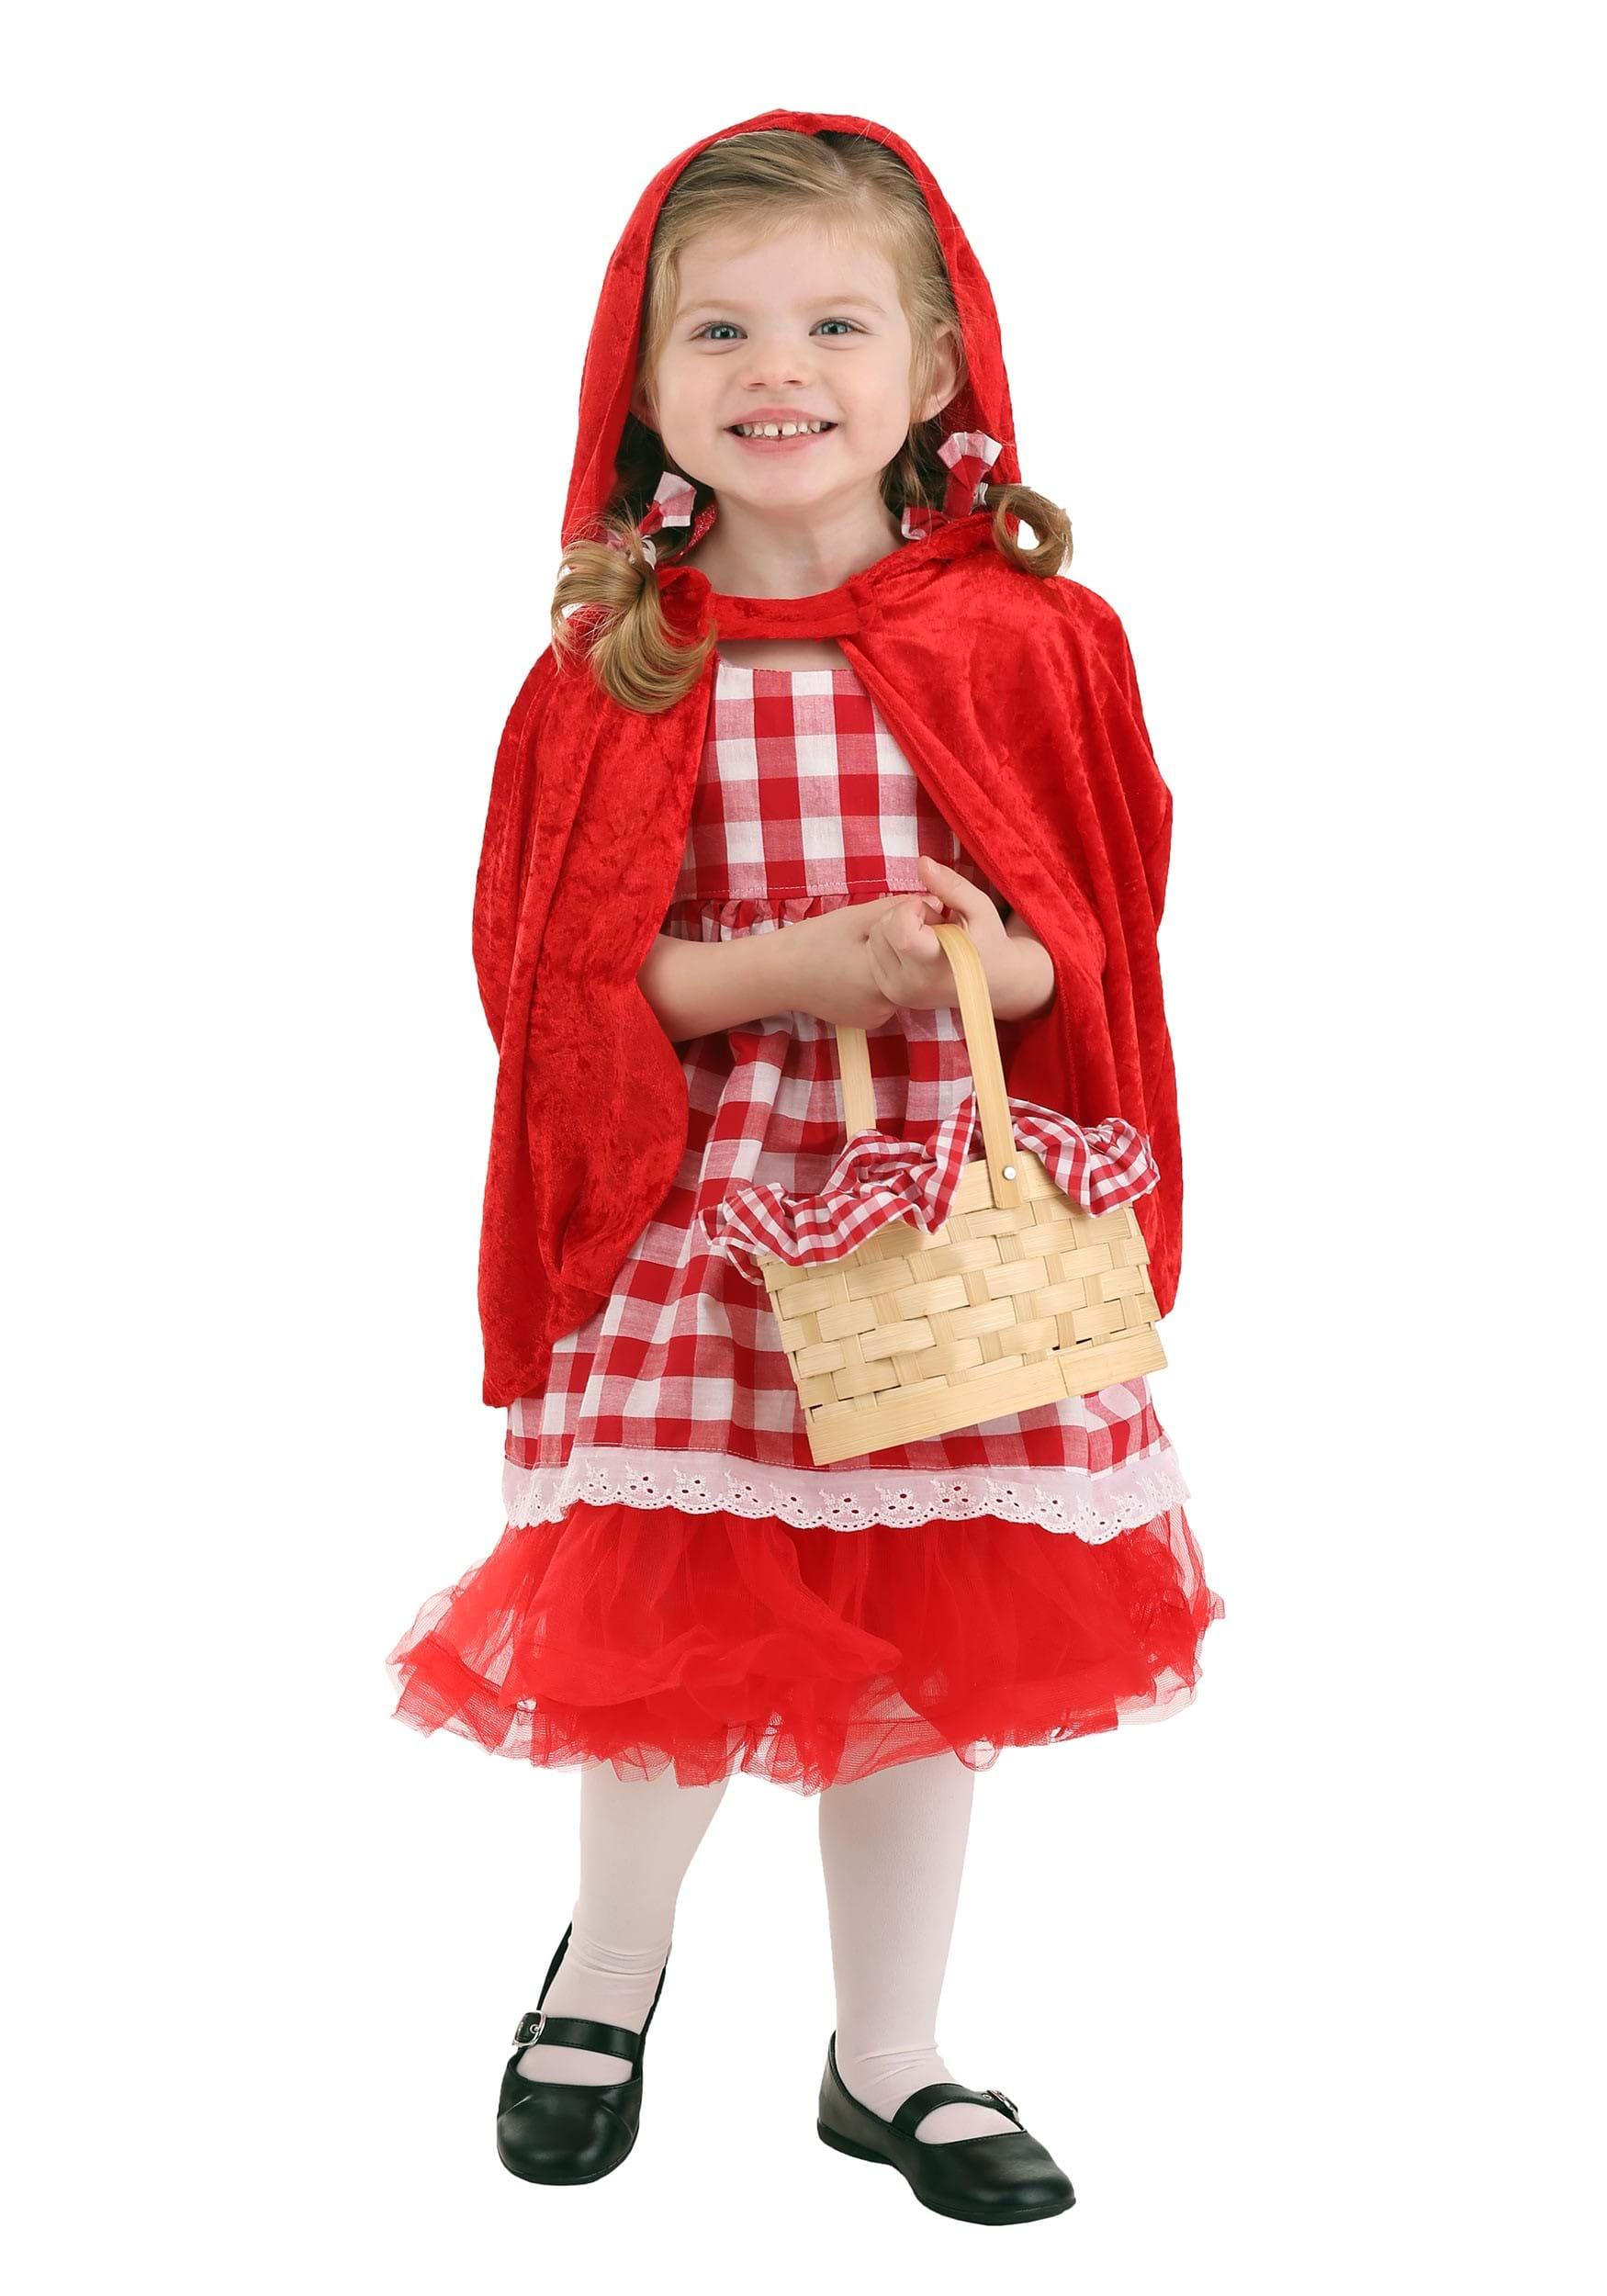 Toddler Red Riding Hood Tutu Girls Costume